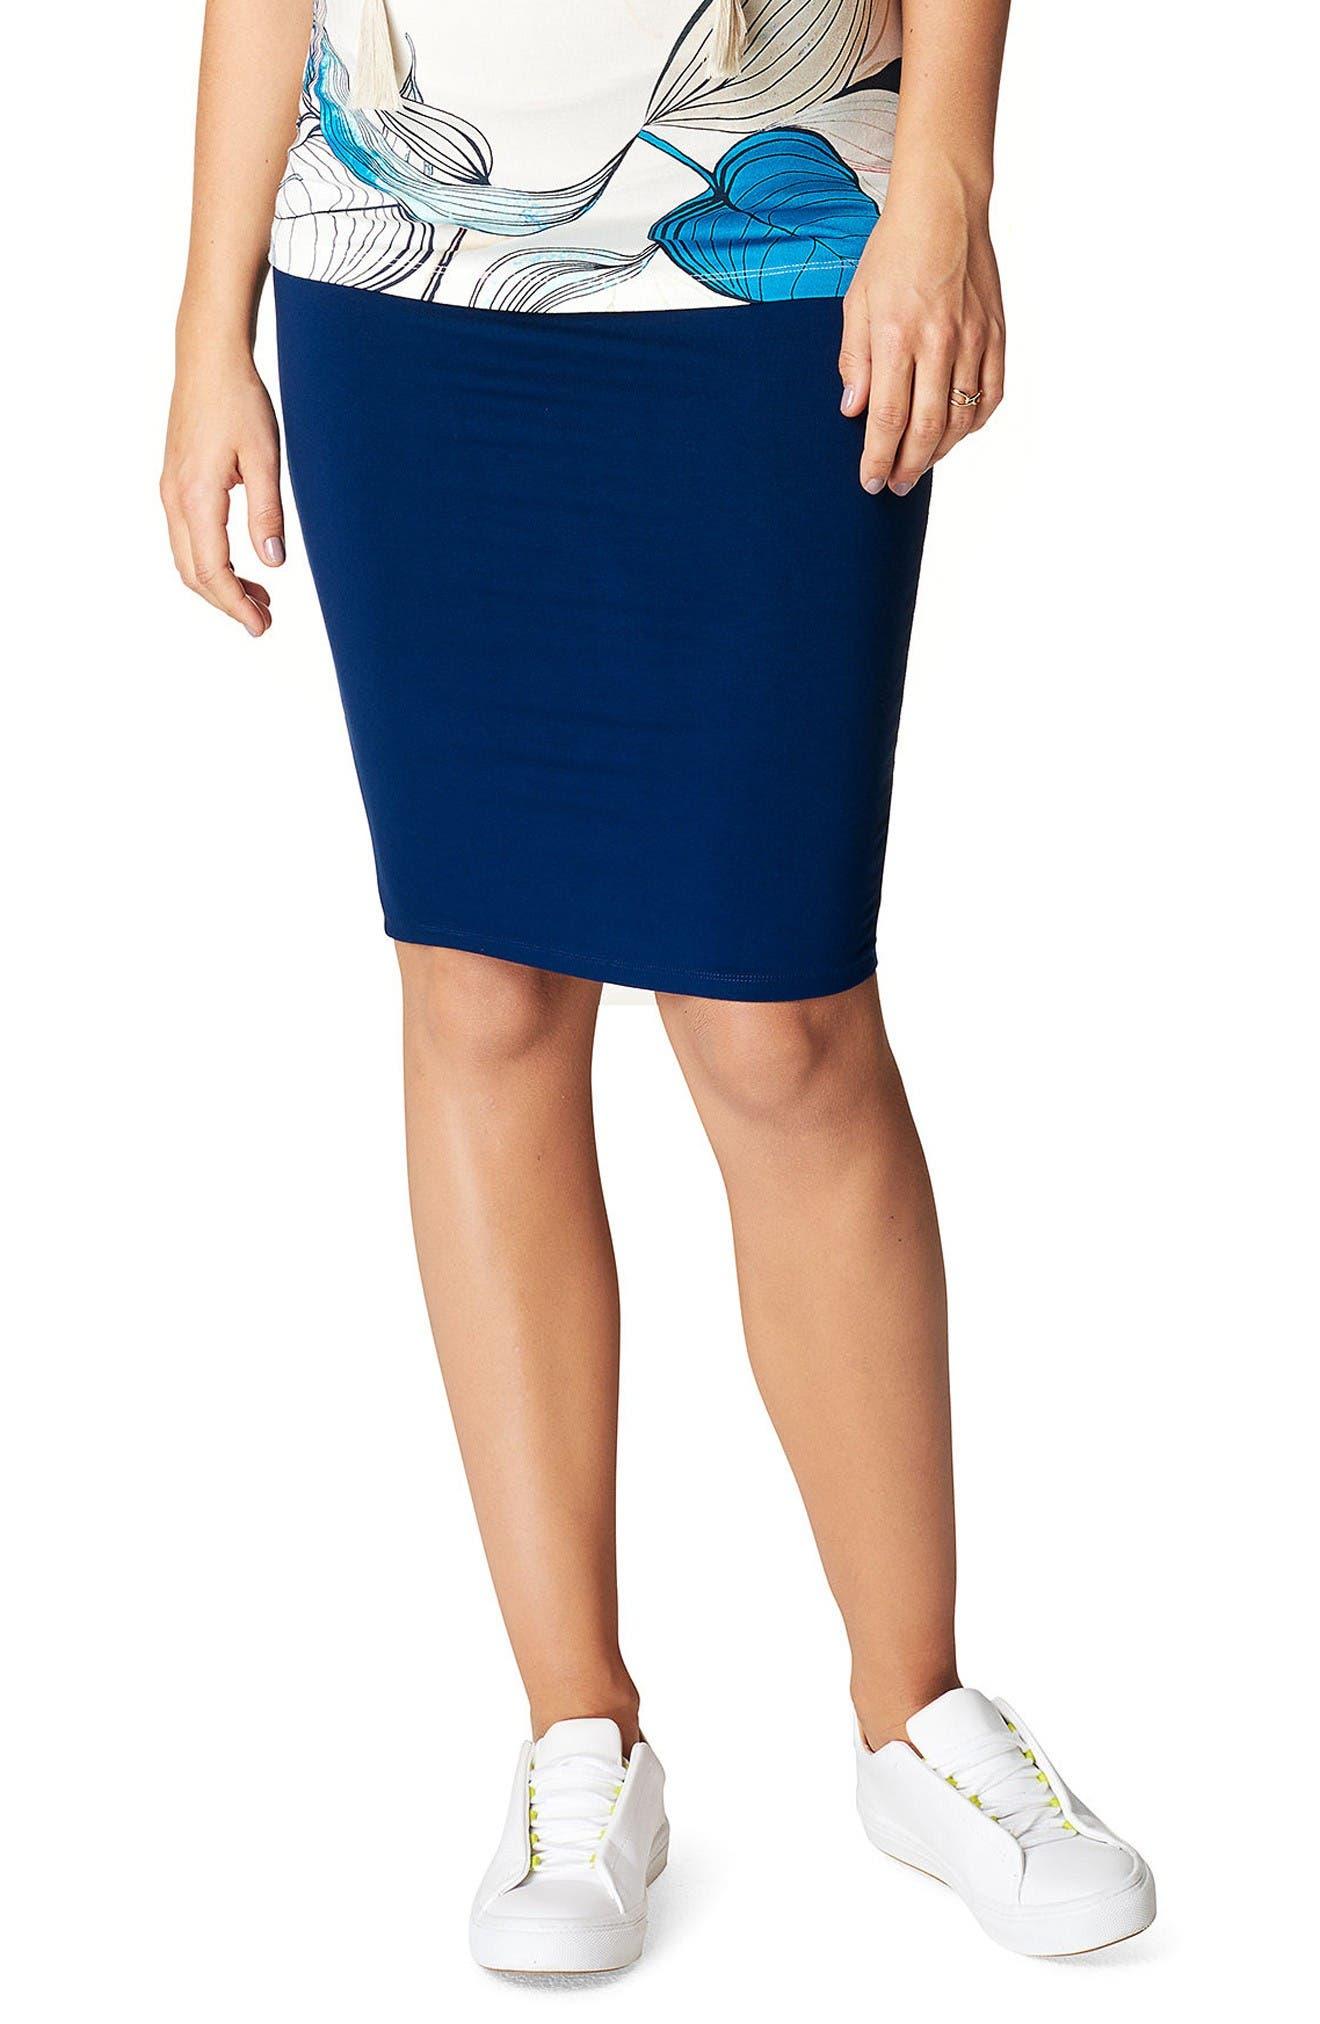 Vida Maternity Skirt,                         Main,                         color, Midnight Blue